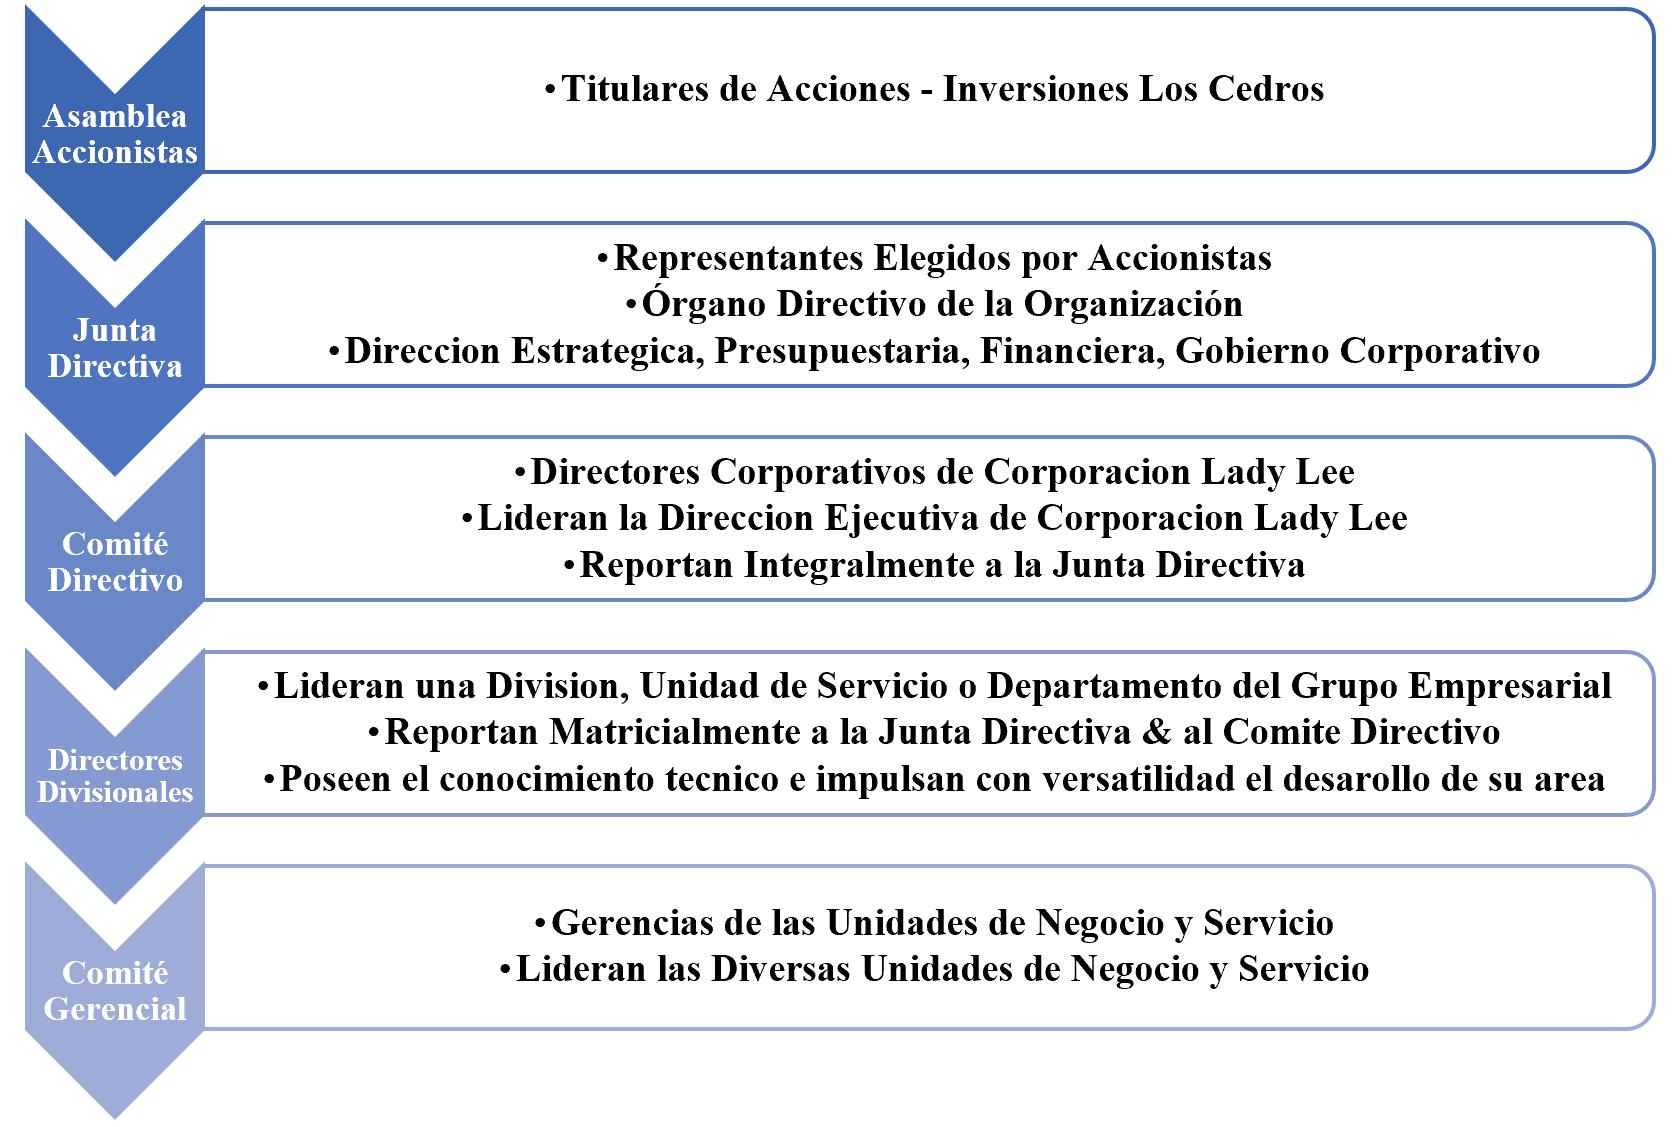 Estructura Organizativa Los Cedros